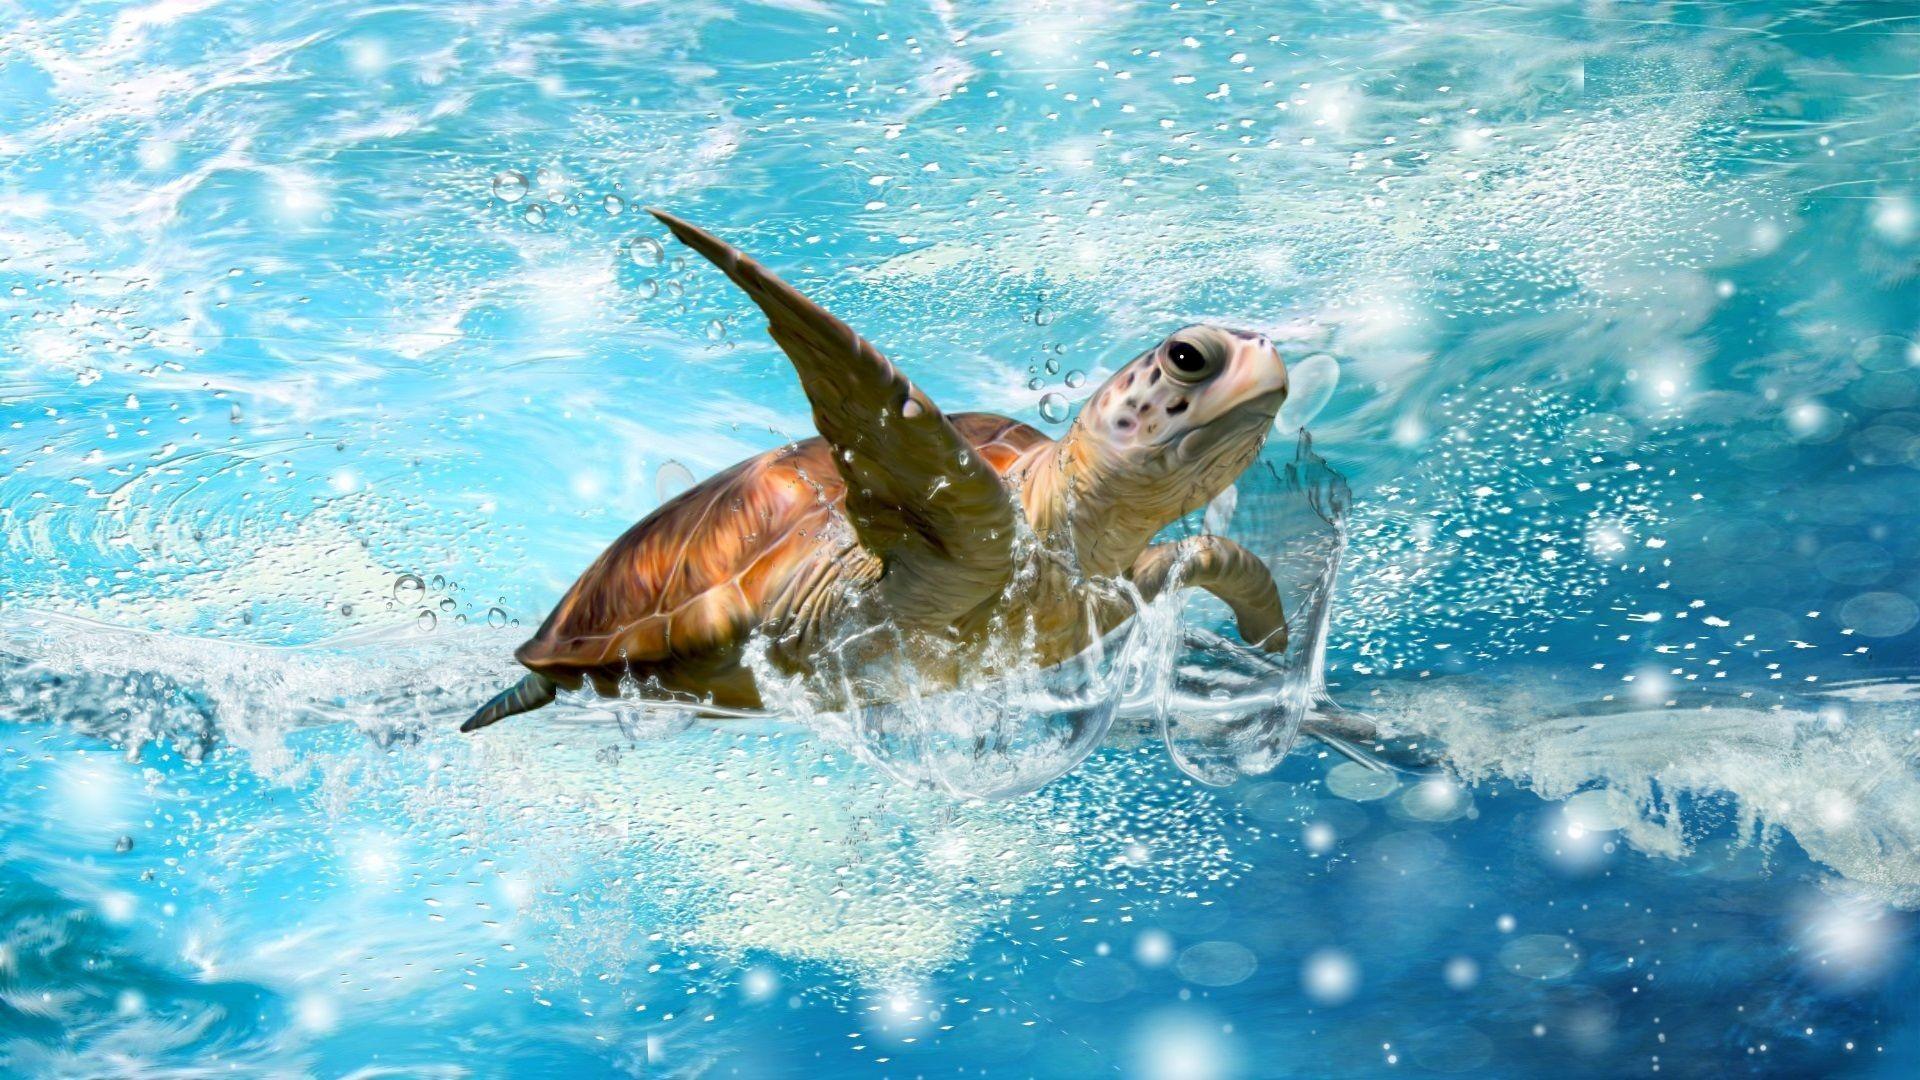 Ảnh con rùa bơi trên mặt nước đẹp